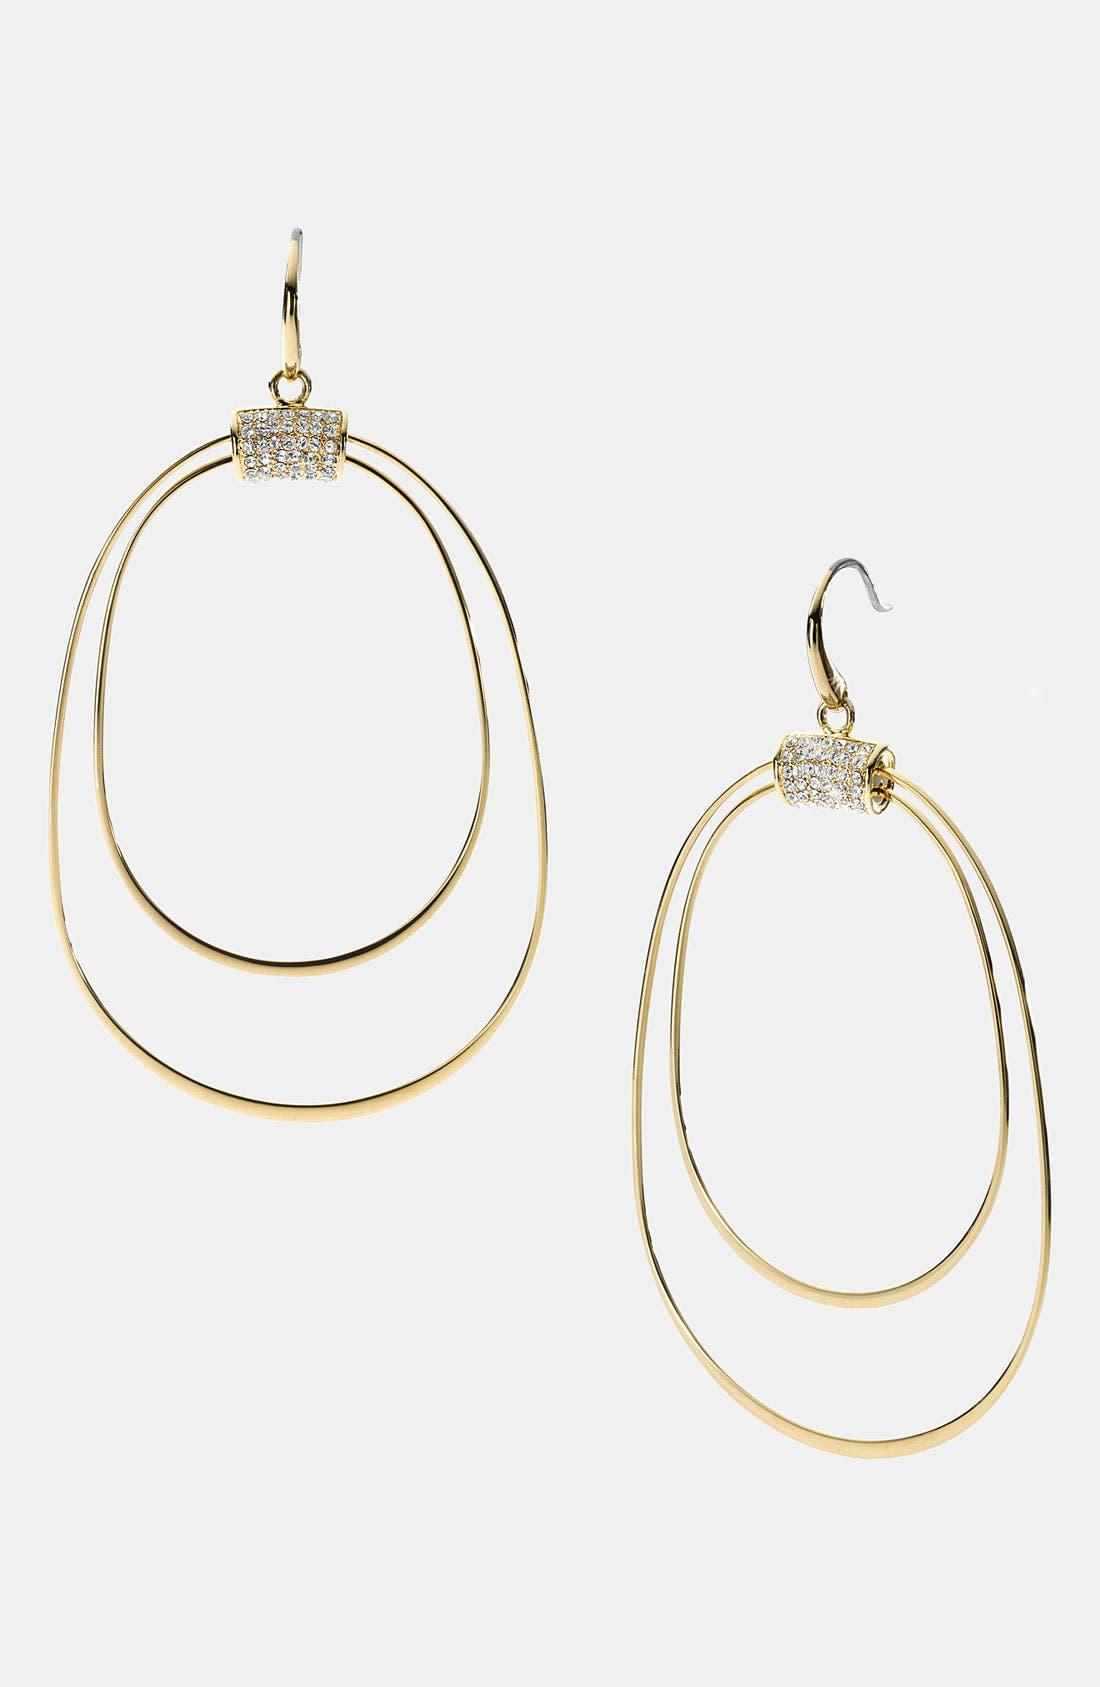 Alternate Image 1 Selected - Michael Kors 'Brilliance' Frontal Hoop Earrings